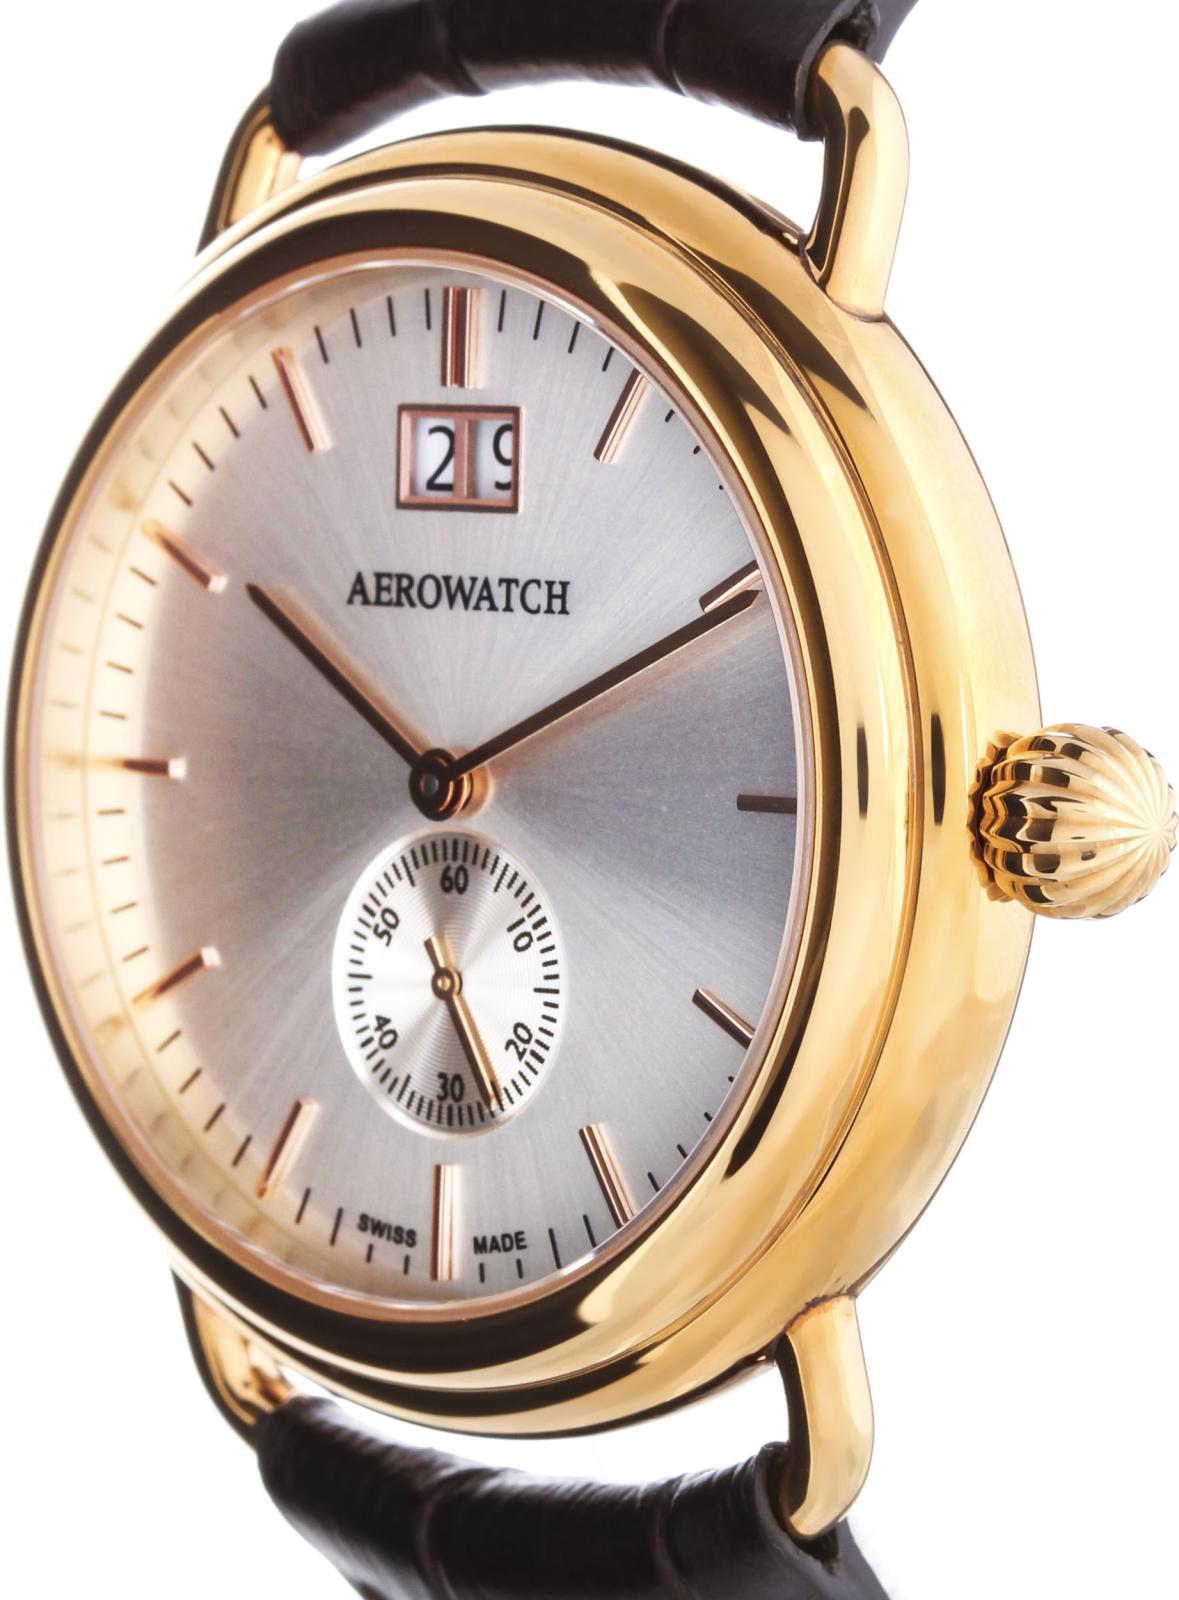 Aerowatch 1942 41900 RO03Наручные часы<br>Швейцарские часы Aerowatch 1942 41900 RO03<br><br>Пол: Мужские<br>Страна-производитель: Швейцария<br>Механизм: Кварцевый<br>Материал корпуса: Сталь<br>Материал ремня/браслета: Кожа<br>Водозащита, диапазон: None<br>Стекло: Сапфировое<br>Толщина корпуса: None<br>Стиль: None